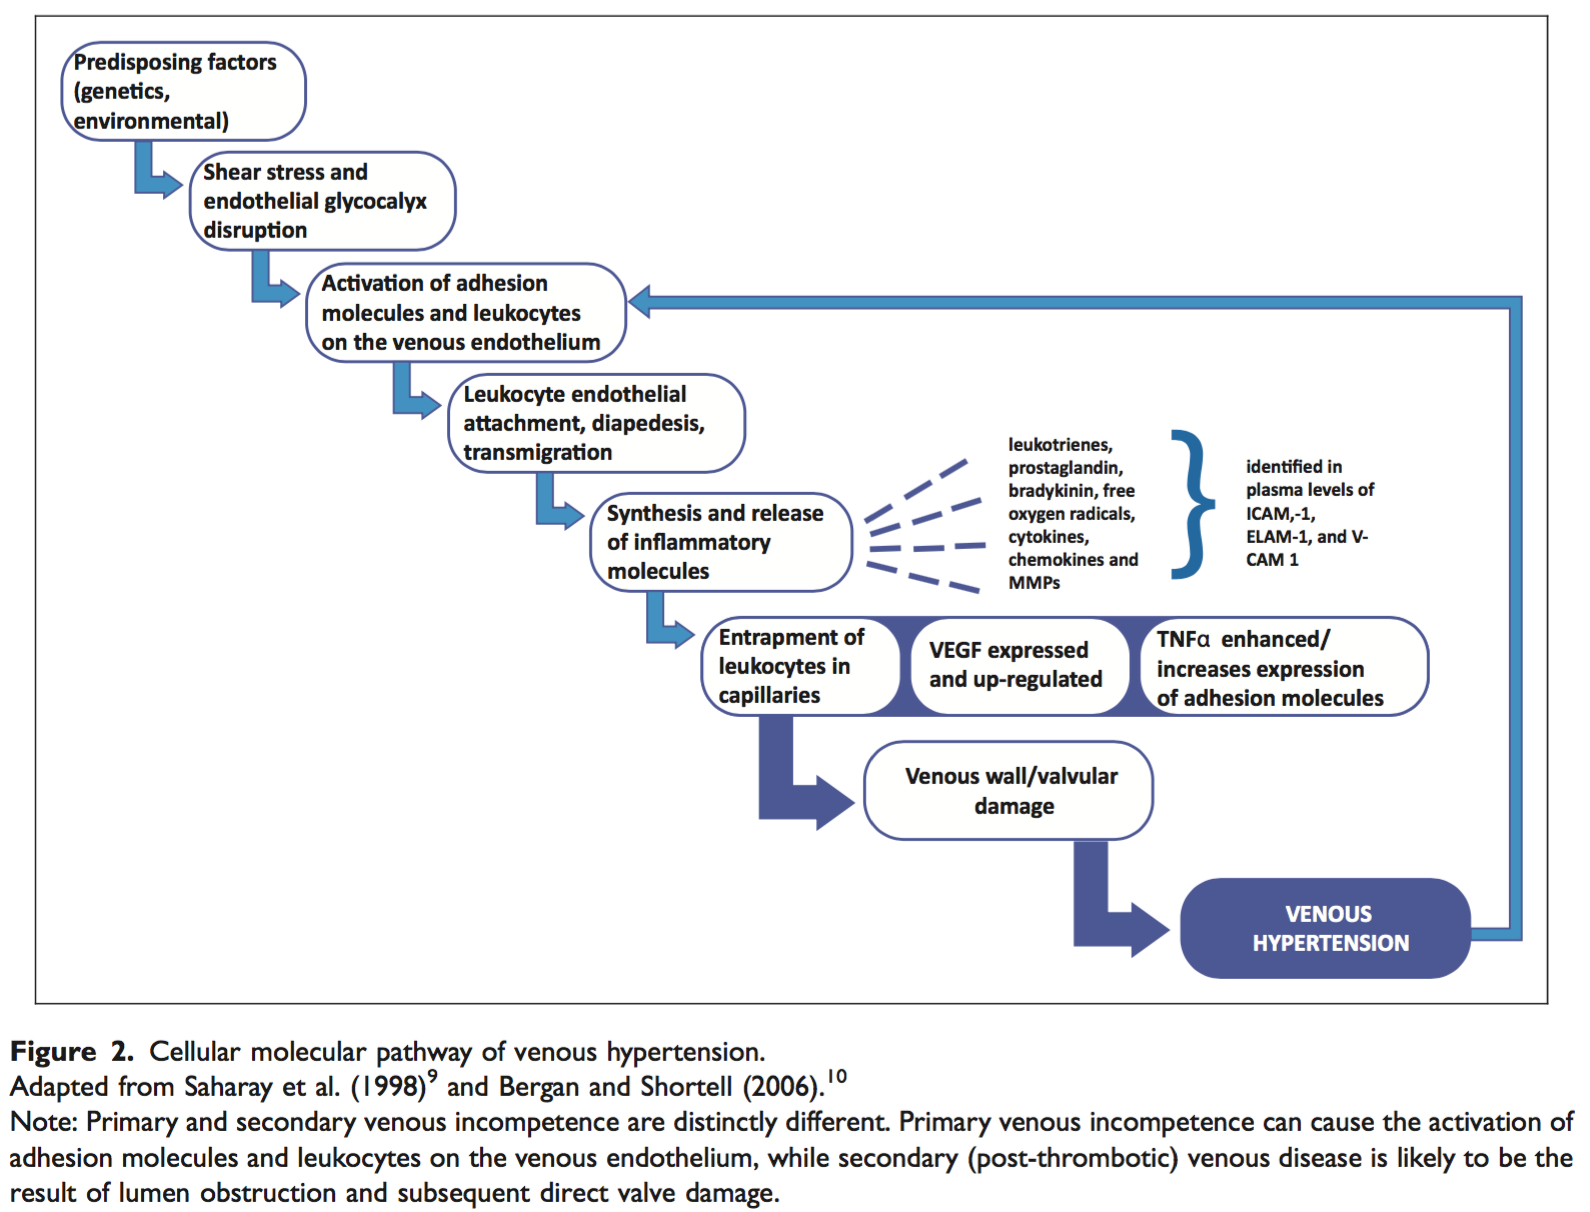 Cellular Molecular pathology of venous hypertension